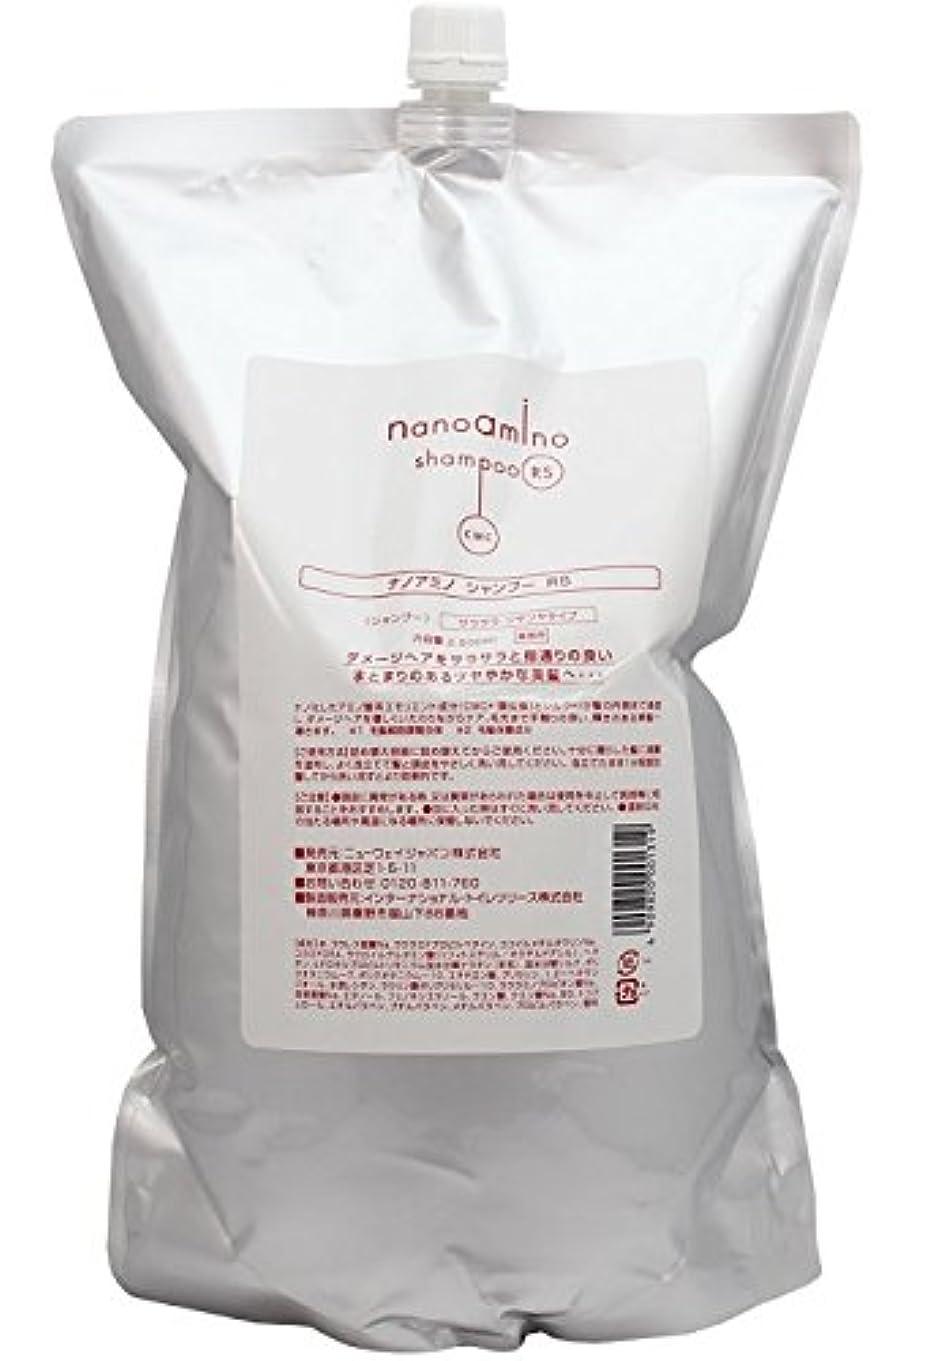 ポータル印刷する神のニューウェイジャパン ナノアミノ シャンプー RS 2500ml レフィル